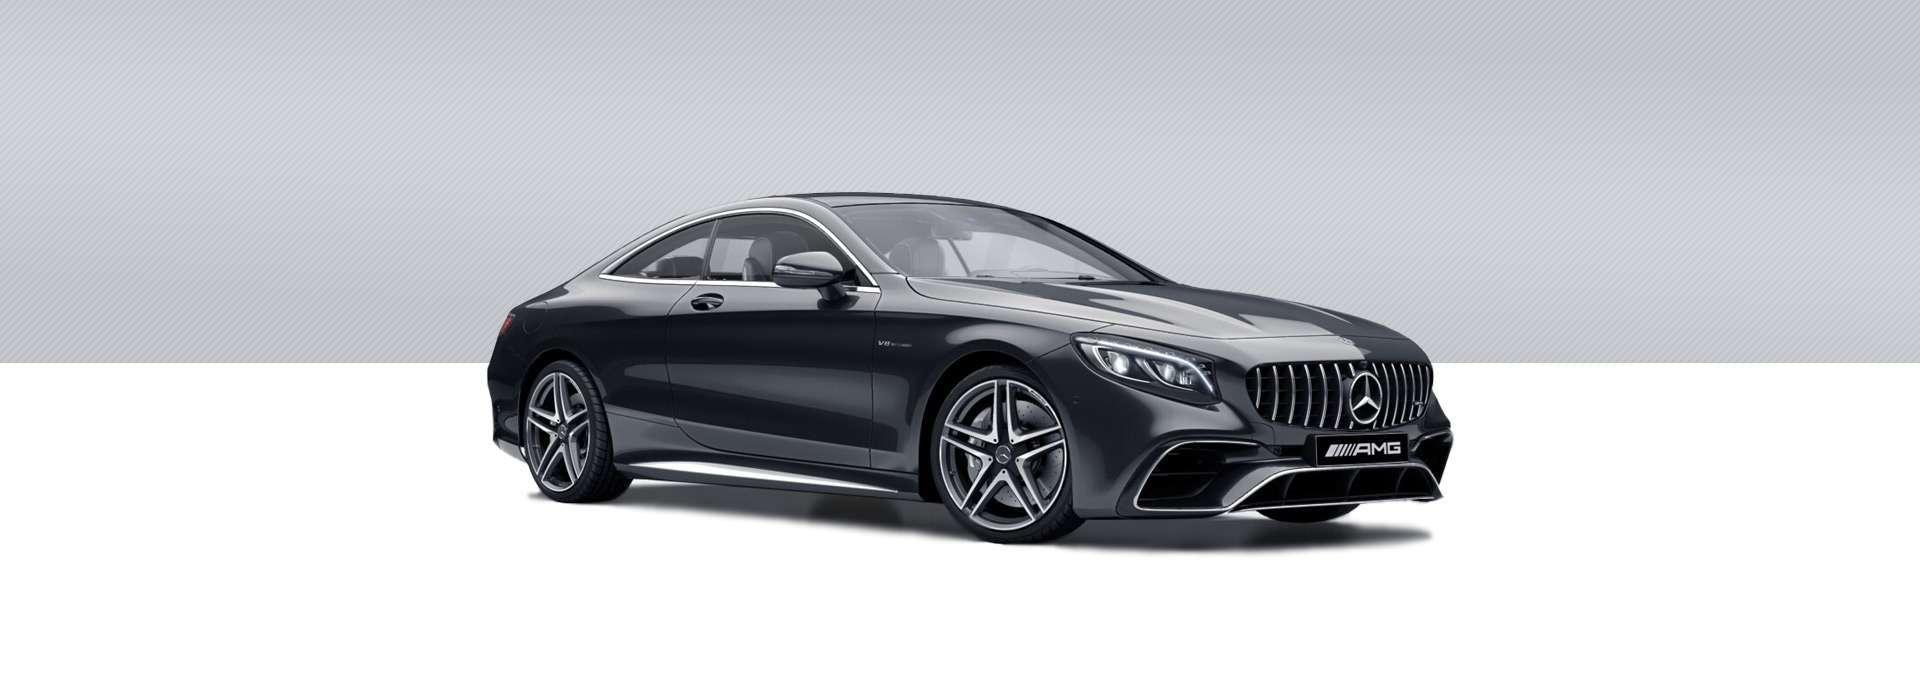 Mercedes Benz AMG CLASE S COUPÉ